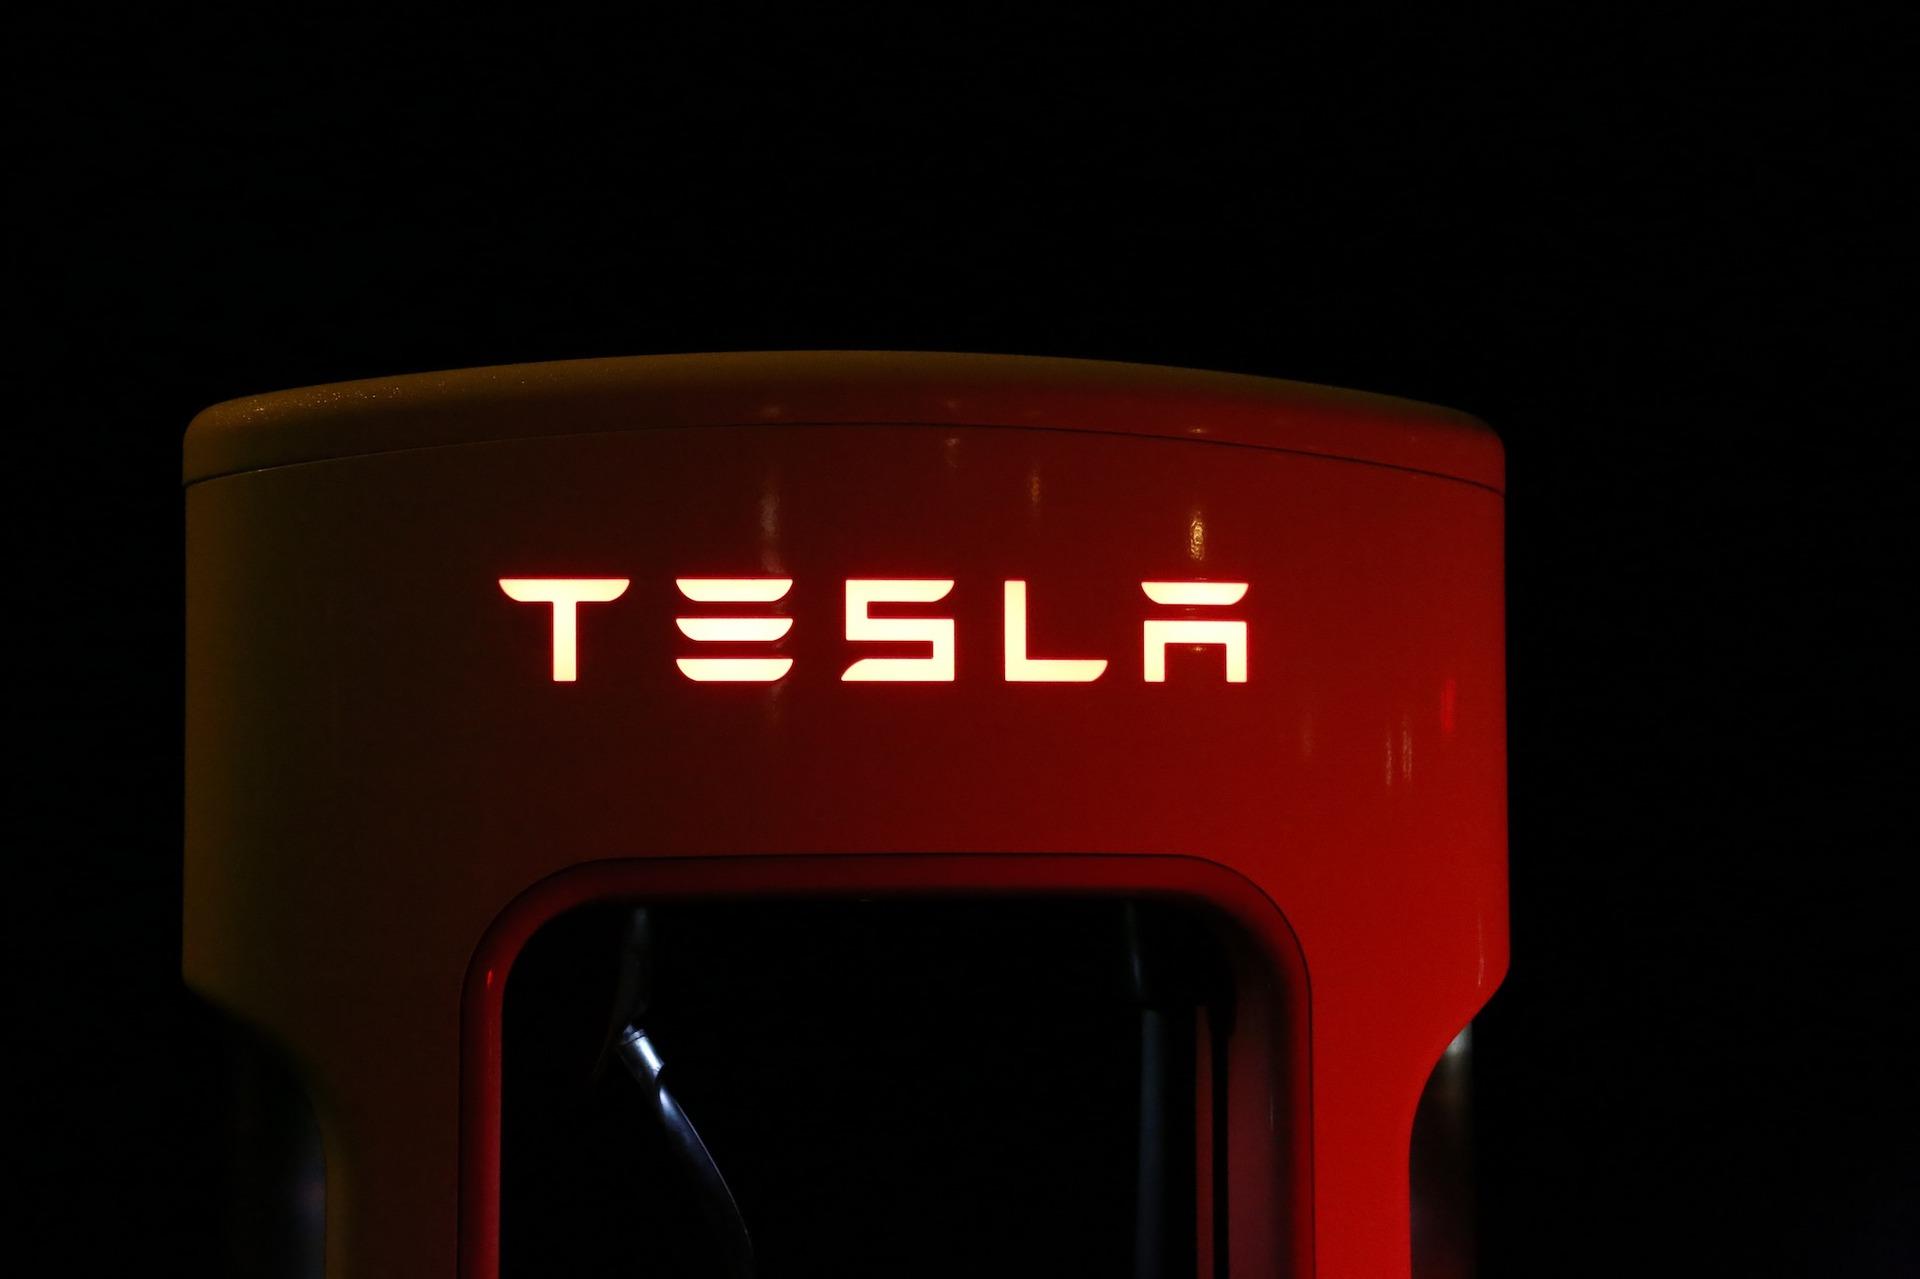 Tvrtka Tesla predstavila Model Y uz početnu cijenu od 39.000 dolara